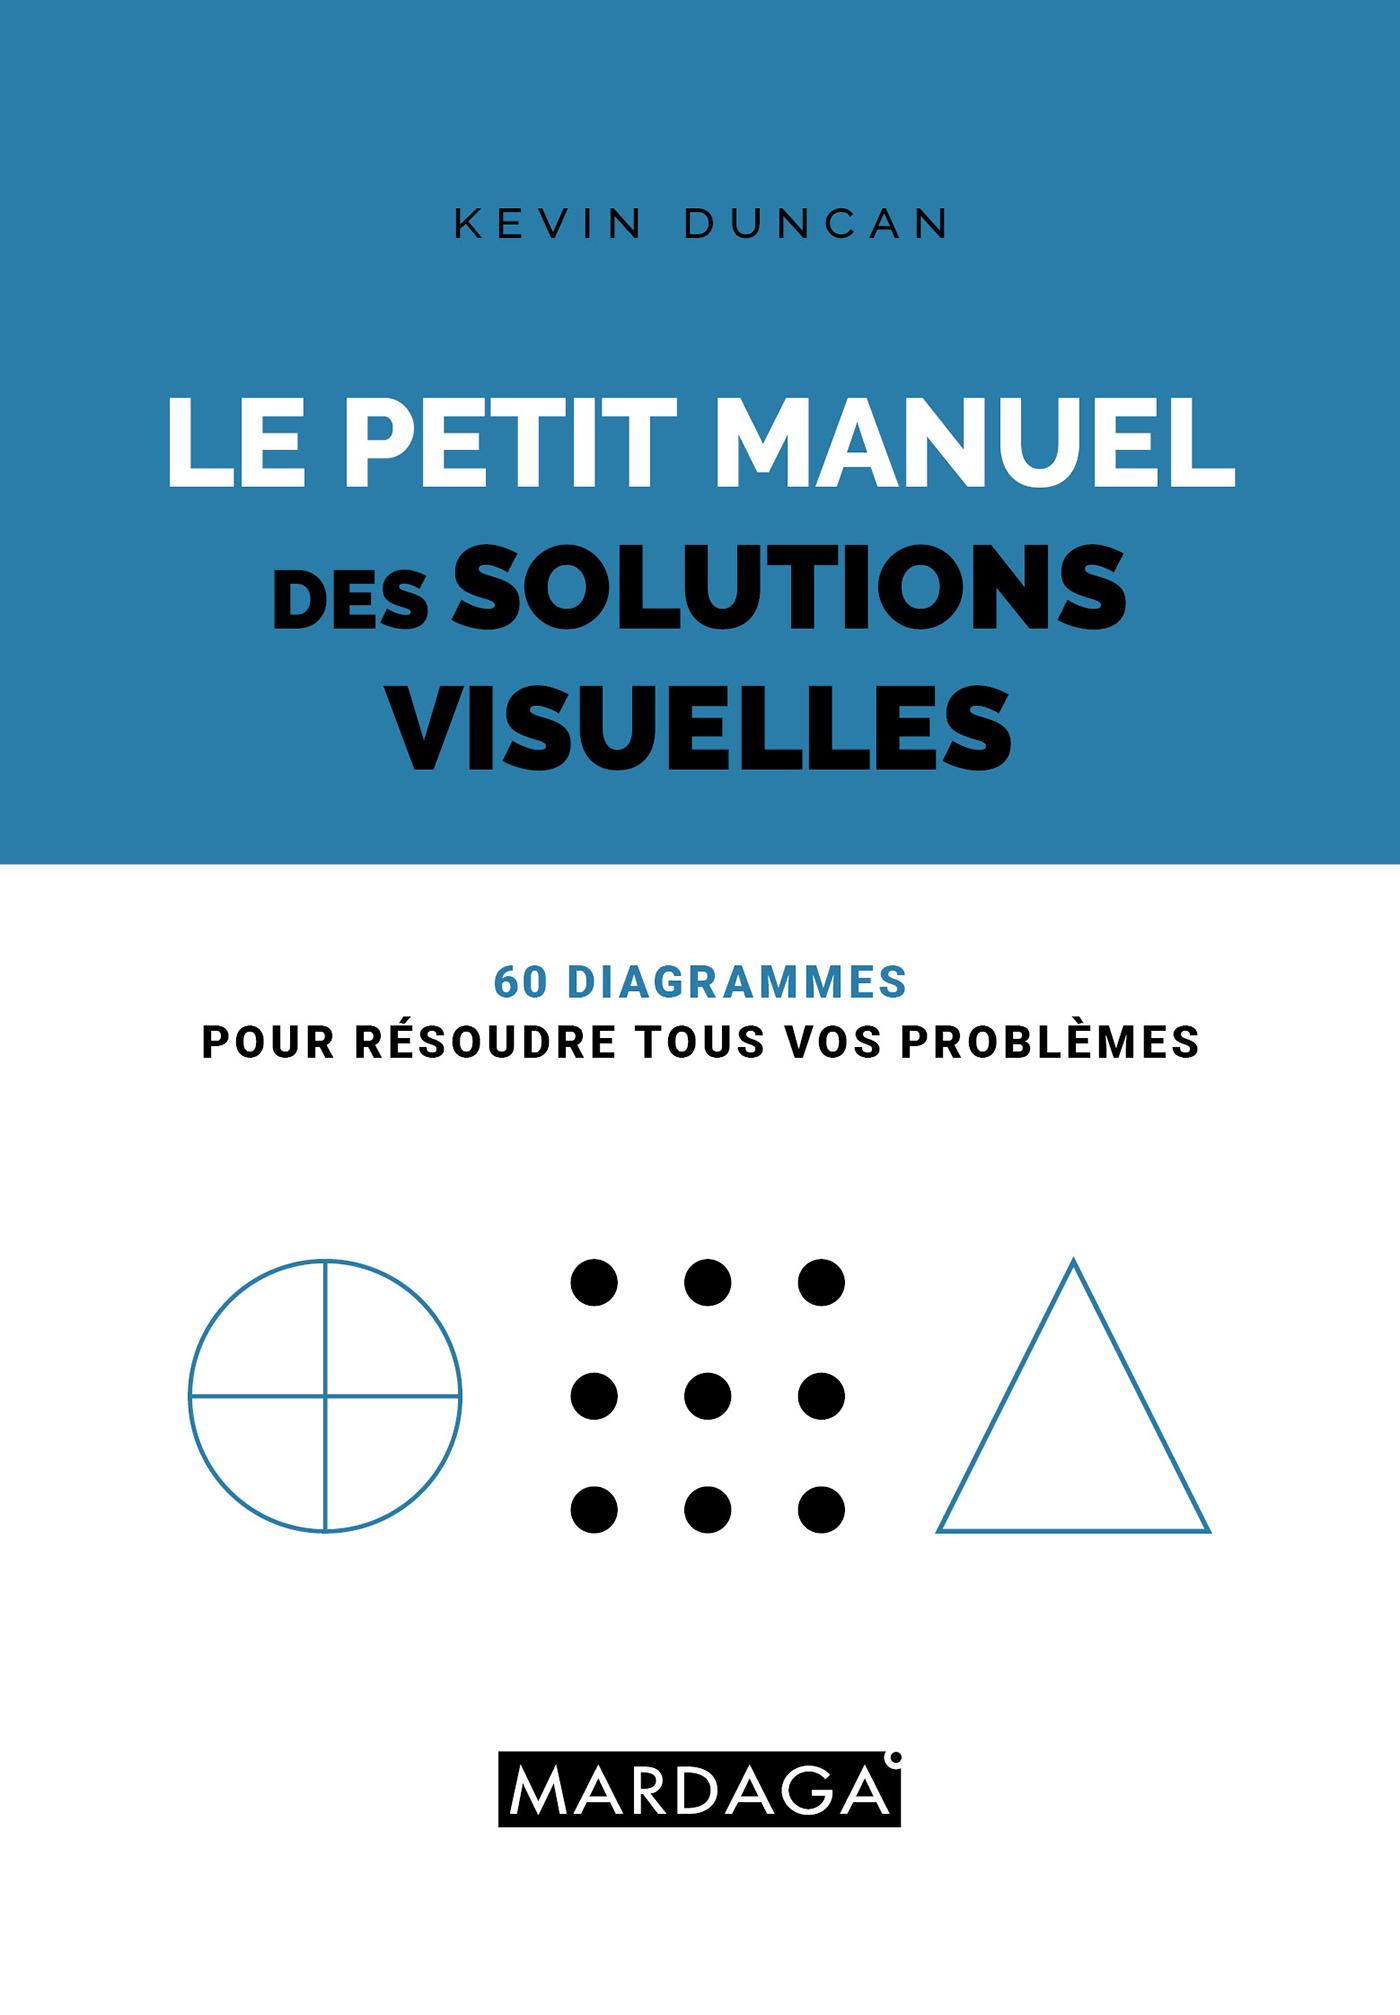 LE PETIT MANUEL DES SOLUTIONS VISUELLES - 60 SOLUTIONS VISUELLES A TOUS VOS PROBLEMES